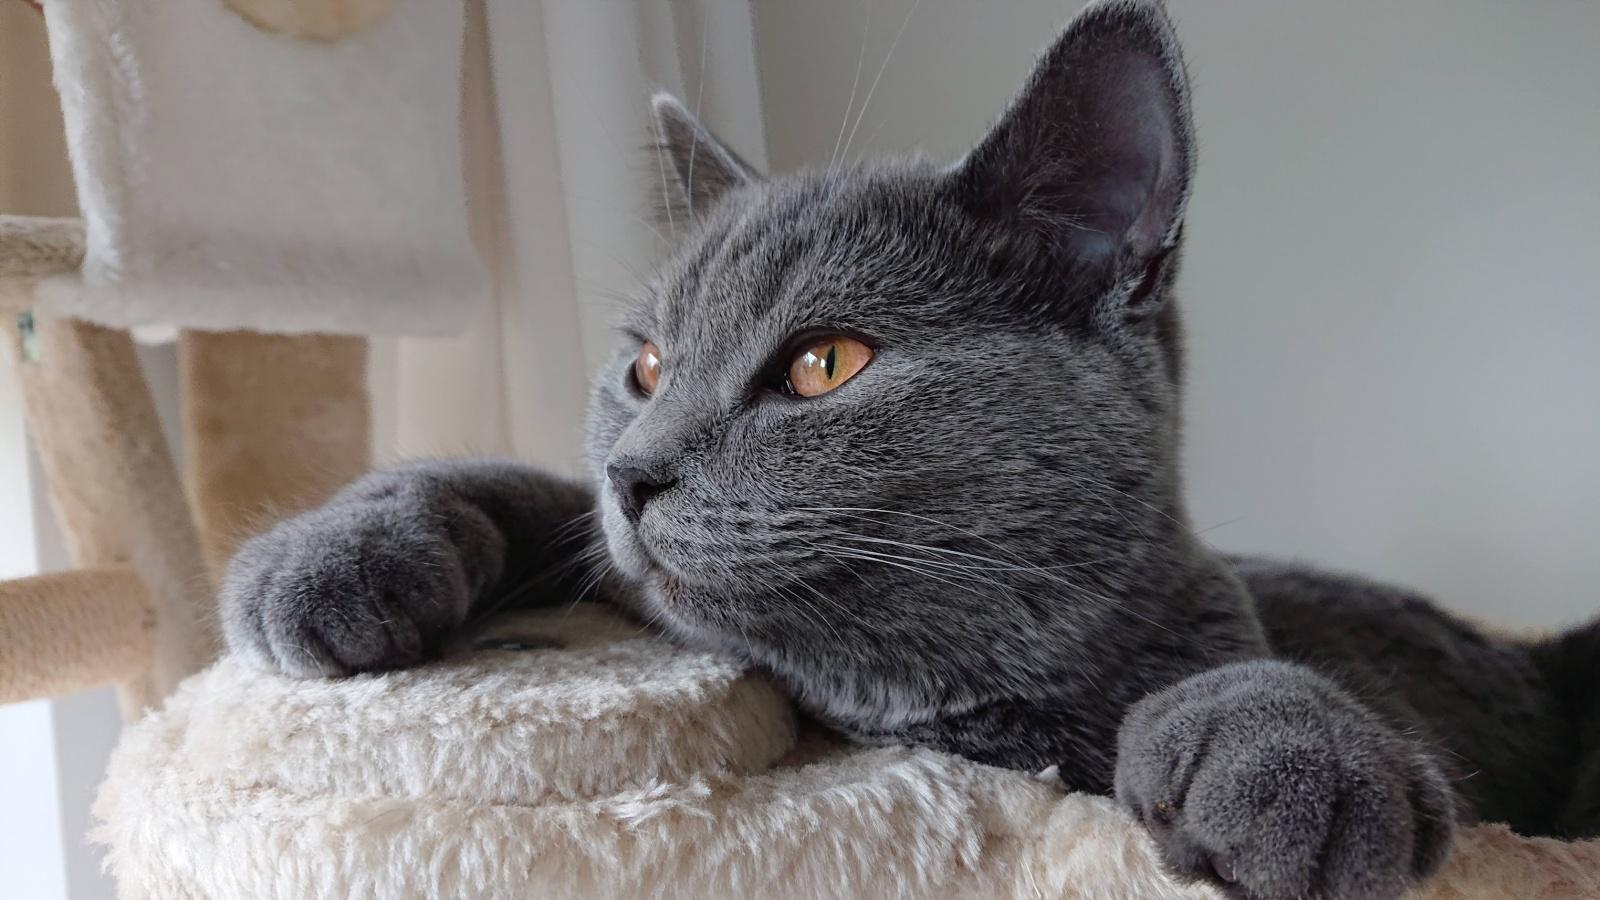 Эскобар - британский голубой кот, который своё имя оправдывает полностью. Способен находить лазейки и убегать практически из любых ситуаций.